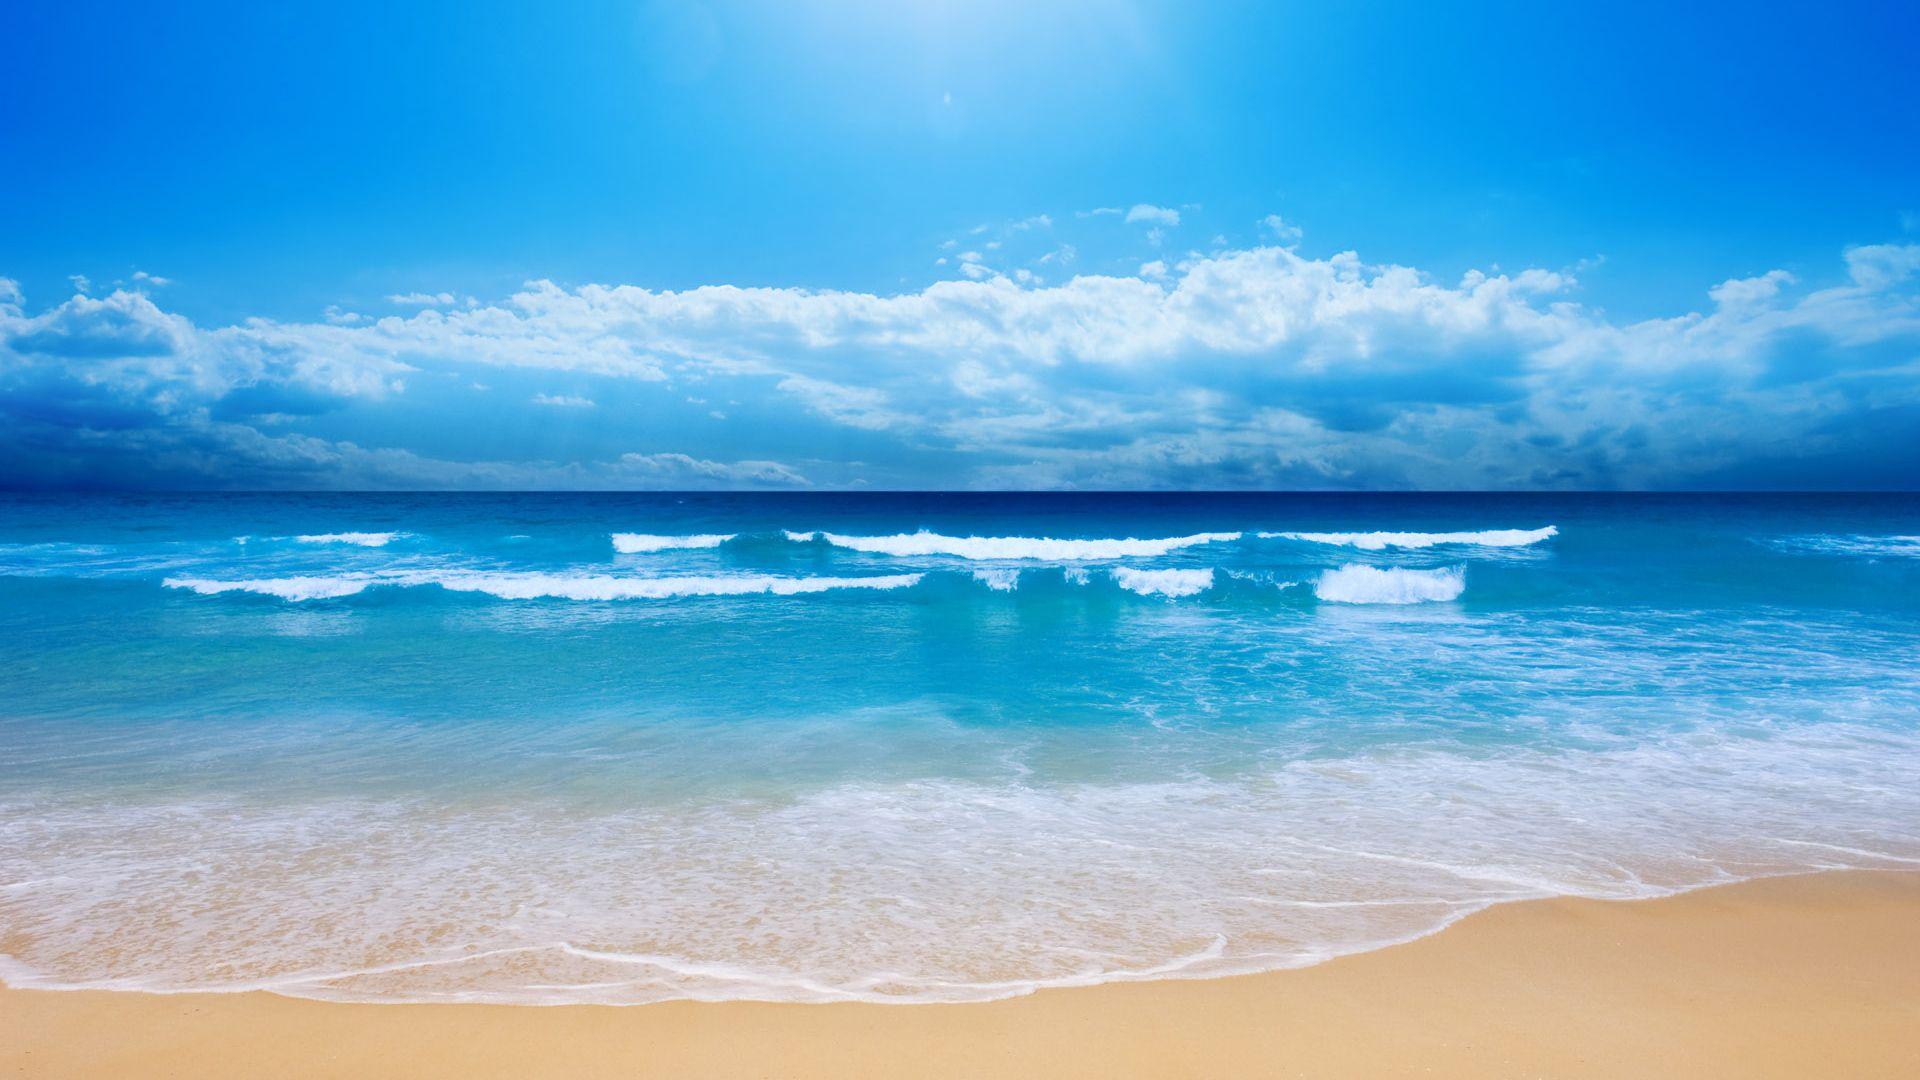 Gambar Pemandangan Pantai Dengan Gambar Pantai Pemandangan